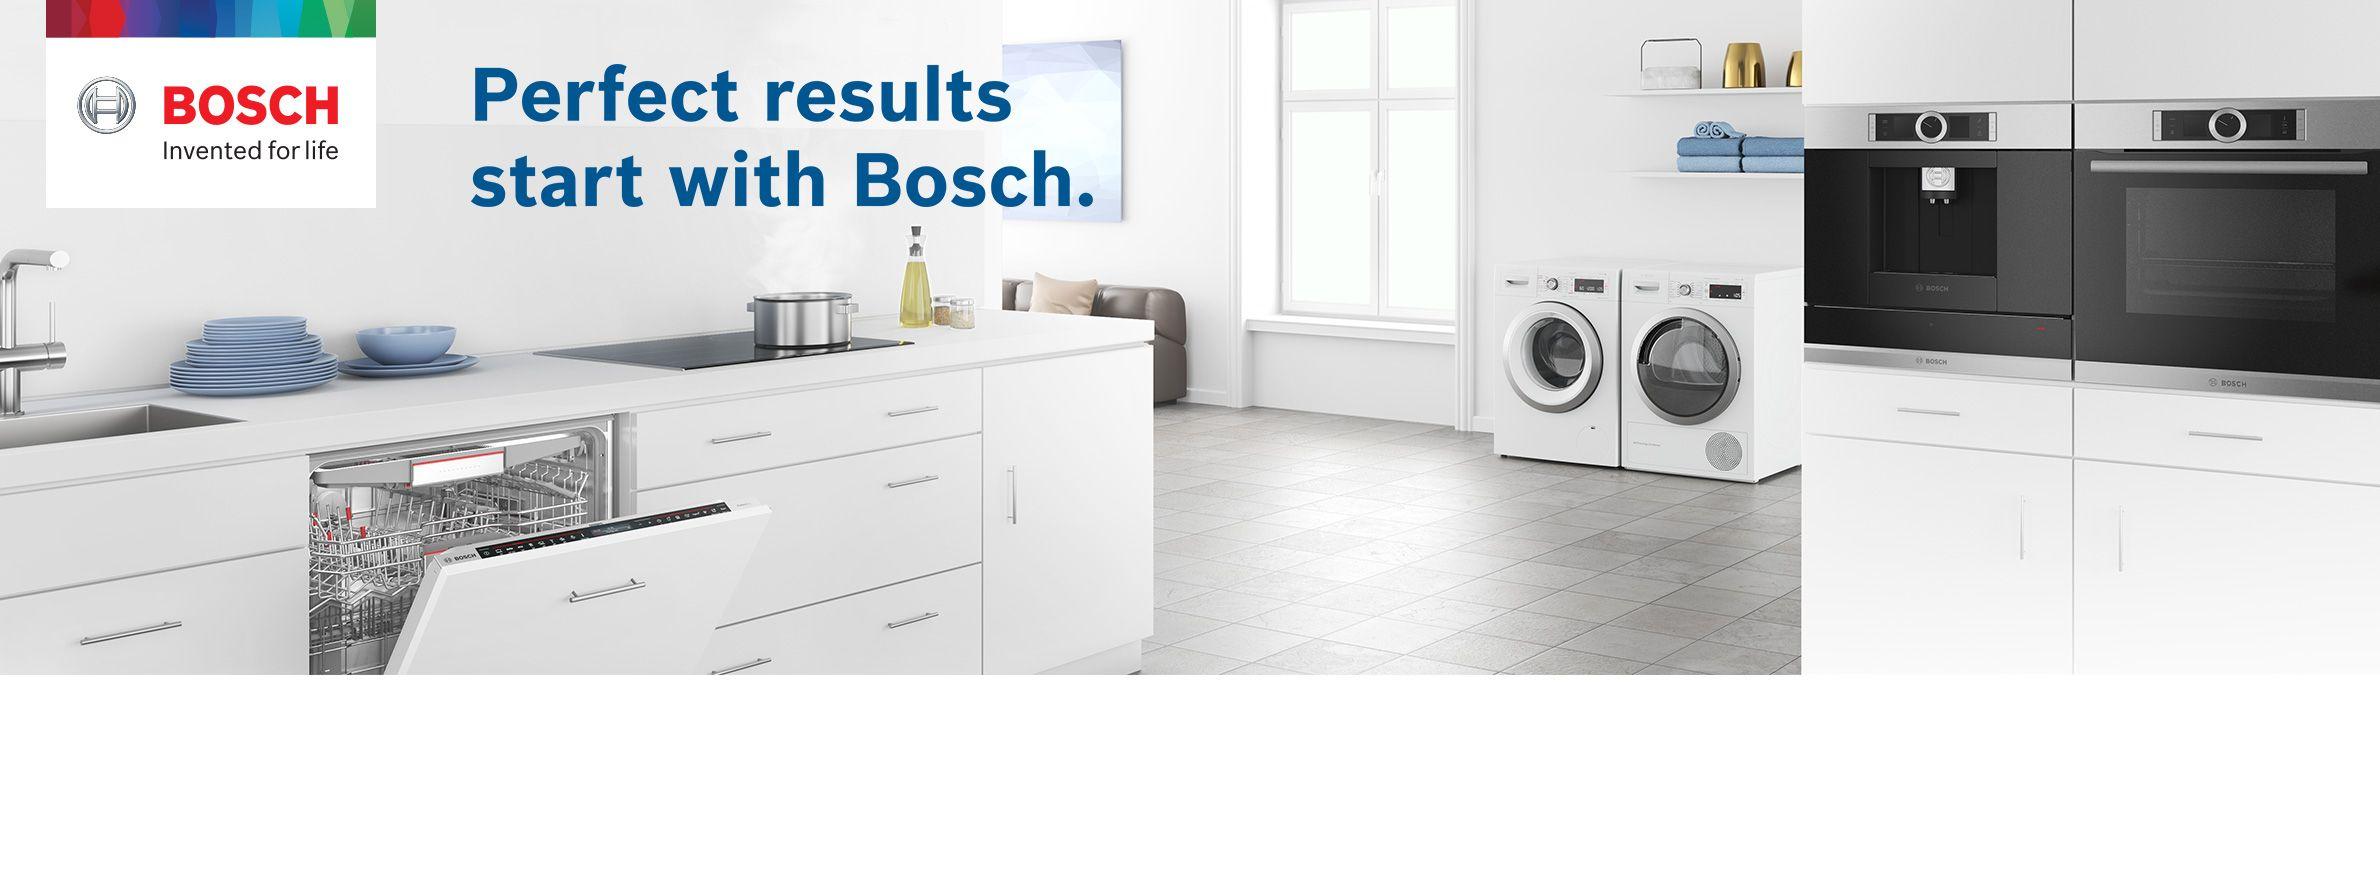 Bosch 439